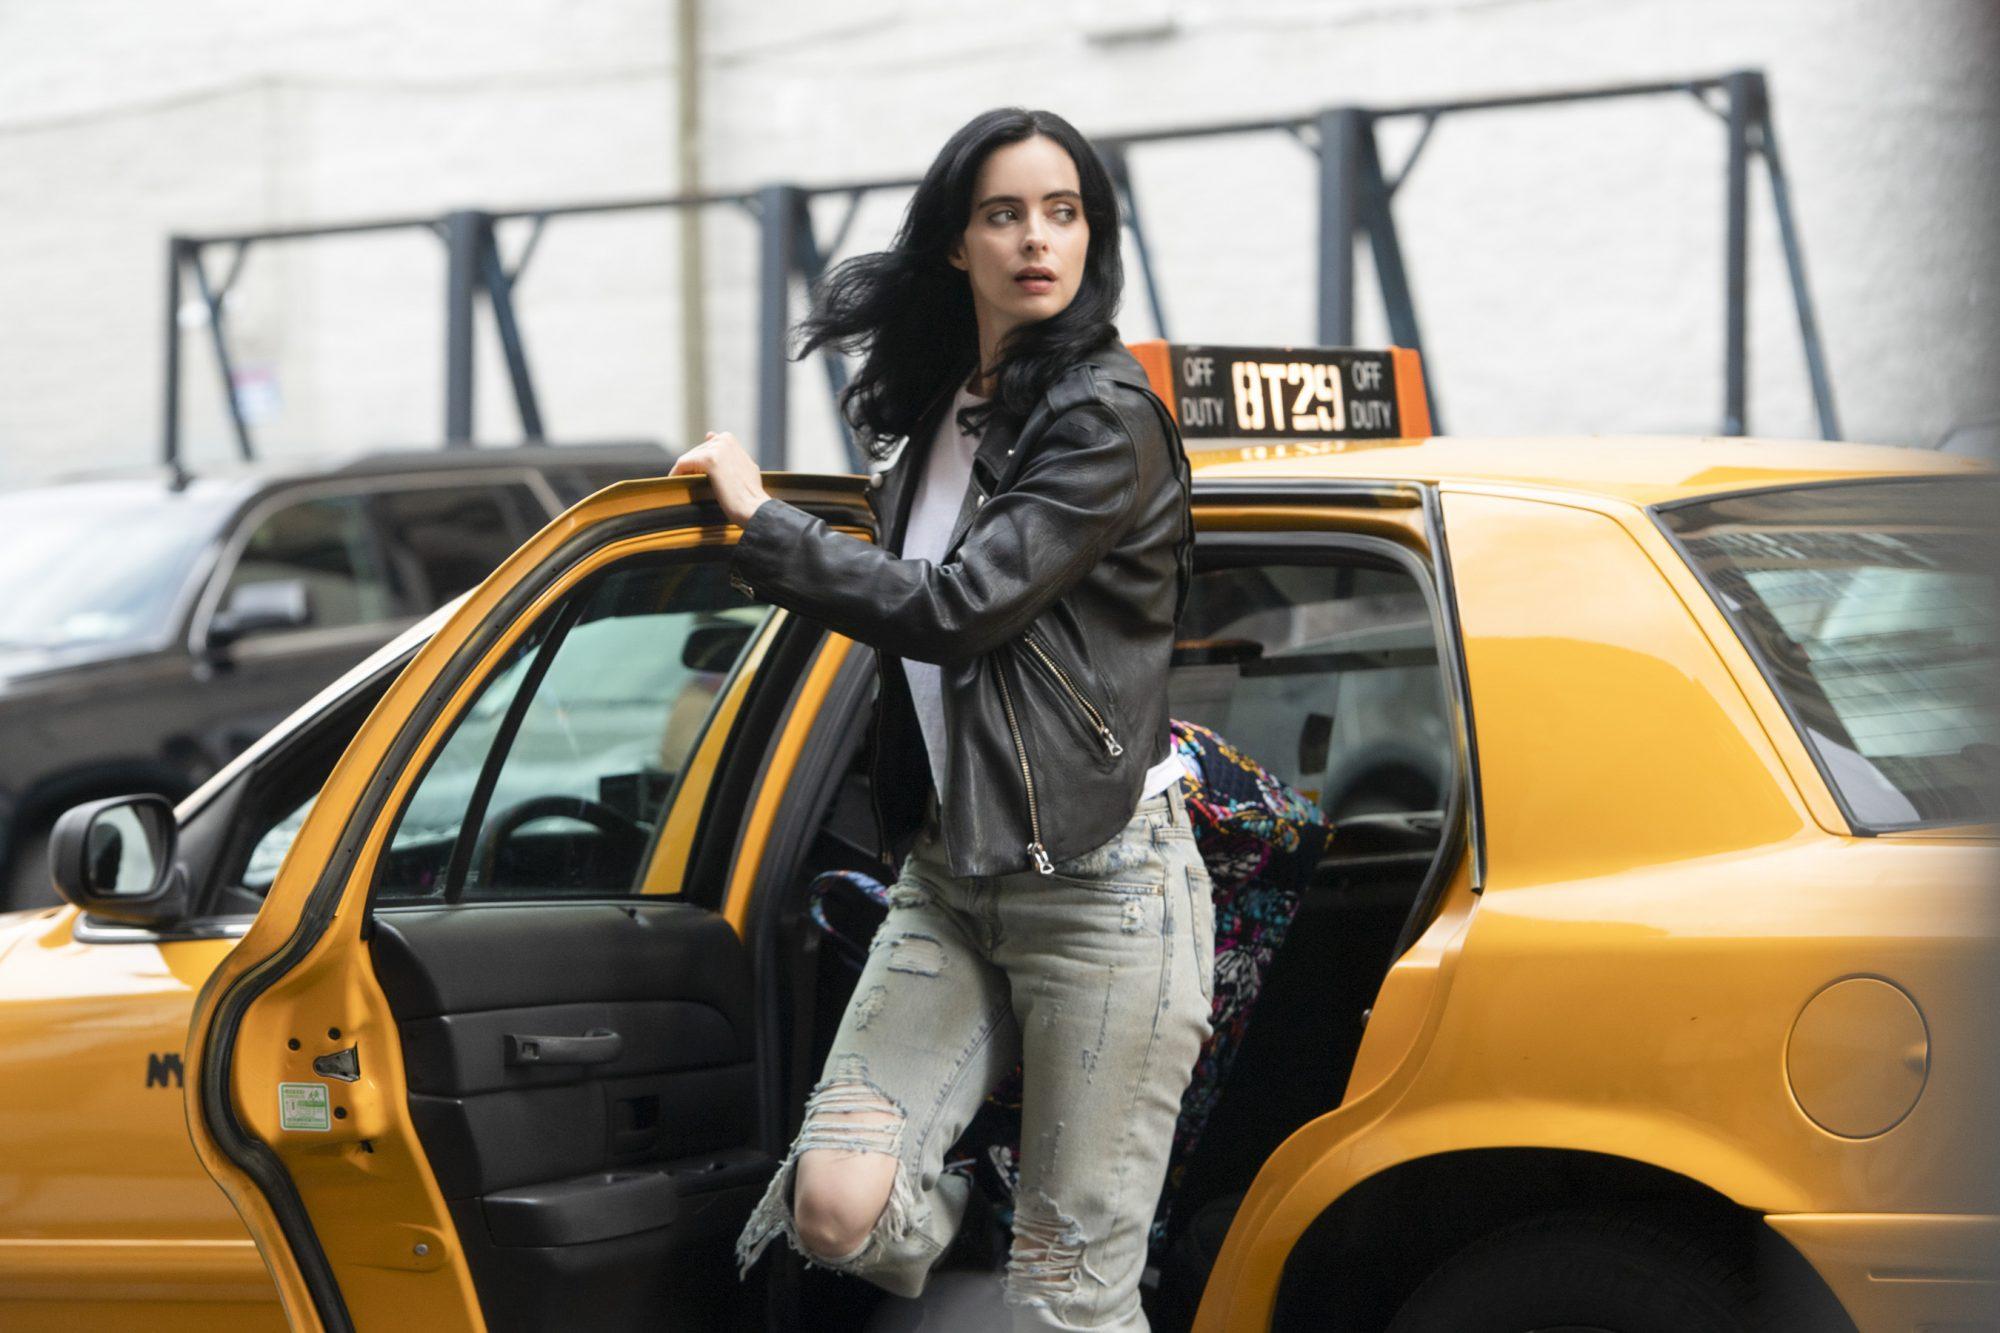 Marvel's Jessica Jones Season 3, Episode 1 Krysten Ritter CR: David Giesbrecht/Netflix